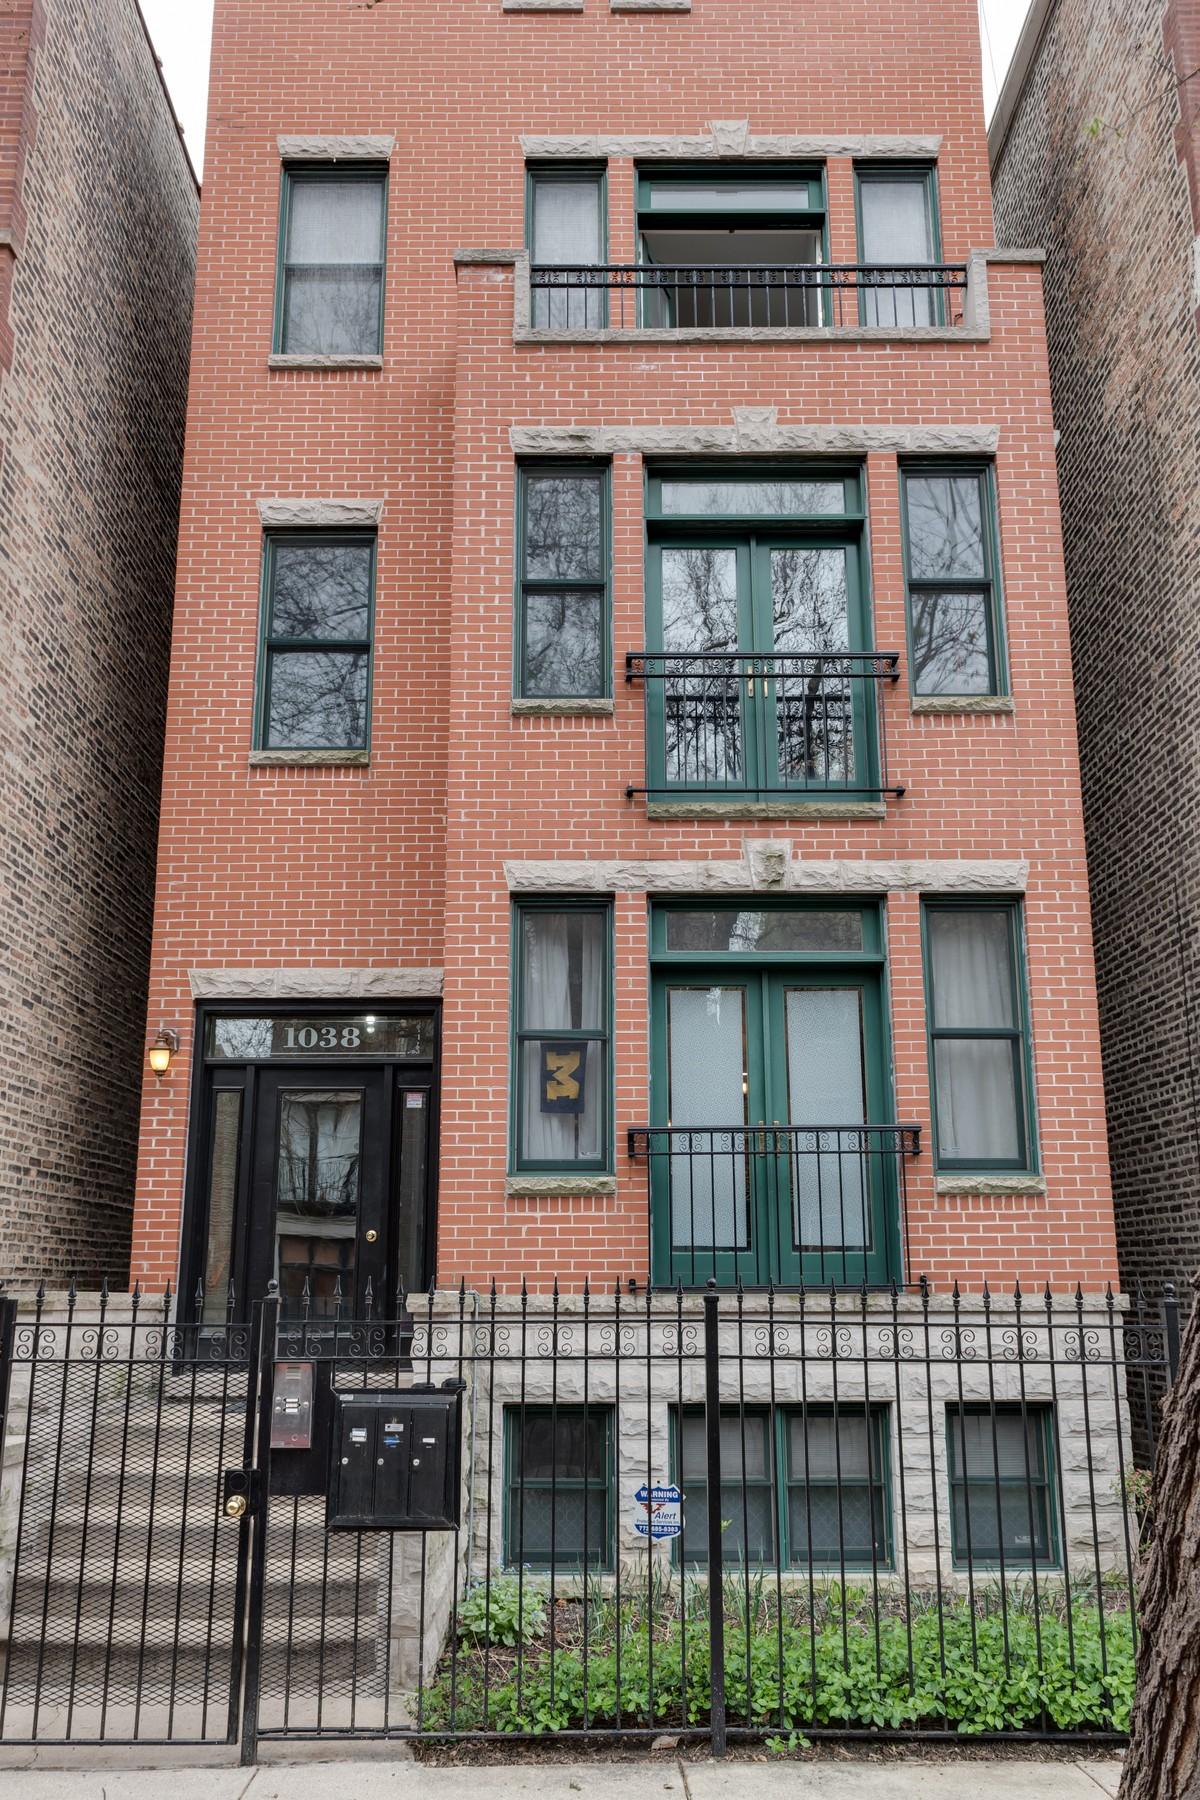 Eigentumswohnung für Verkauf beim Take Advantage of the View from this Penthouse Duplex 1038 N Marshfield Street, Unit 3 Chicago, Illinois, 60622 Vereinigte Staaten